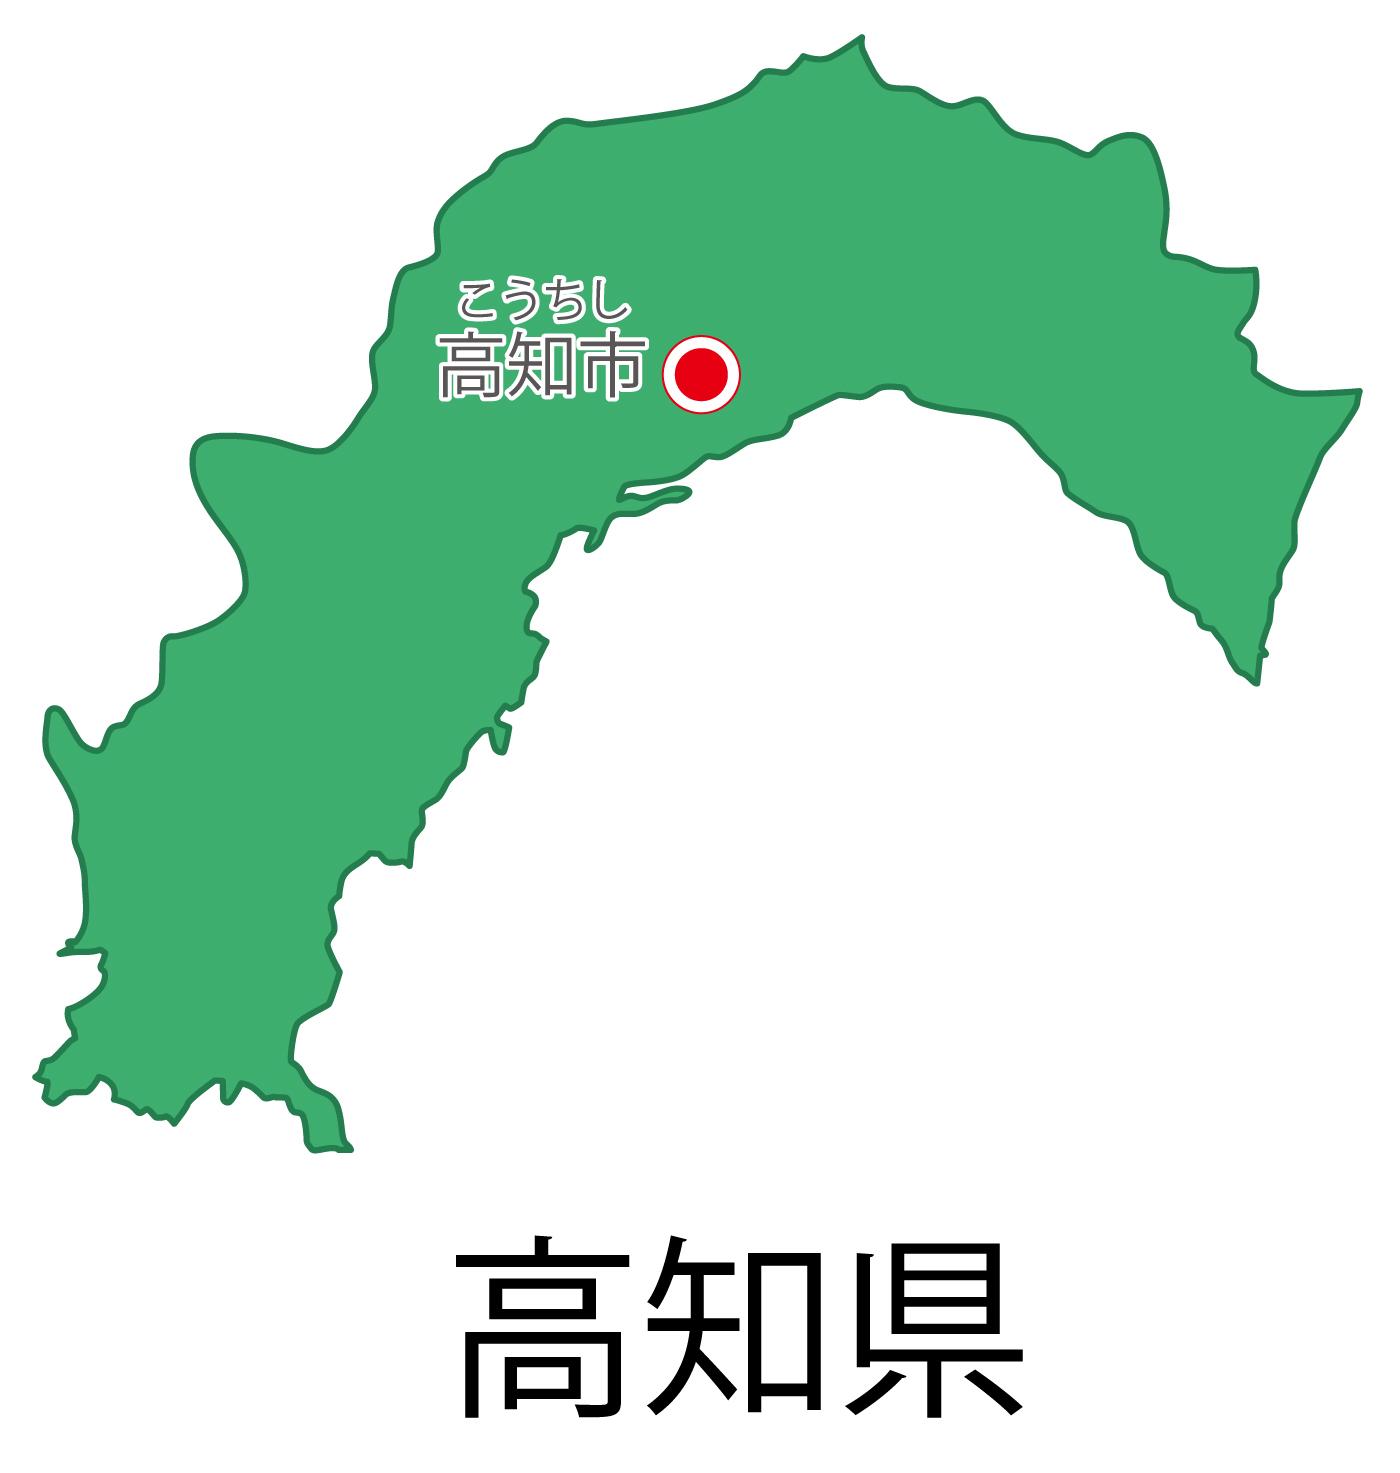 高知県無料フリーイラスト|日本語・都道府県名あり・県庁所在地あり・ルビあり(緑)